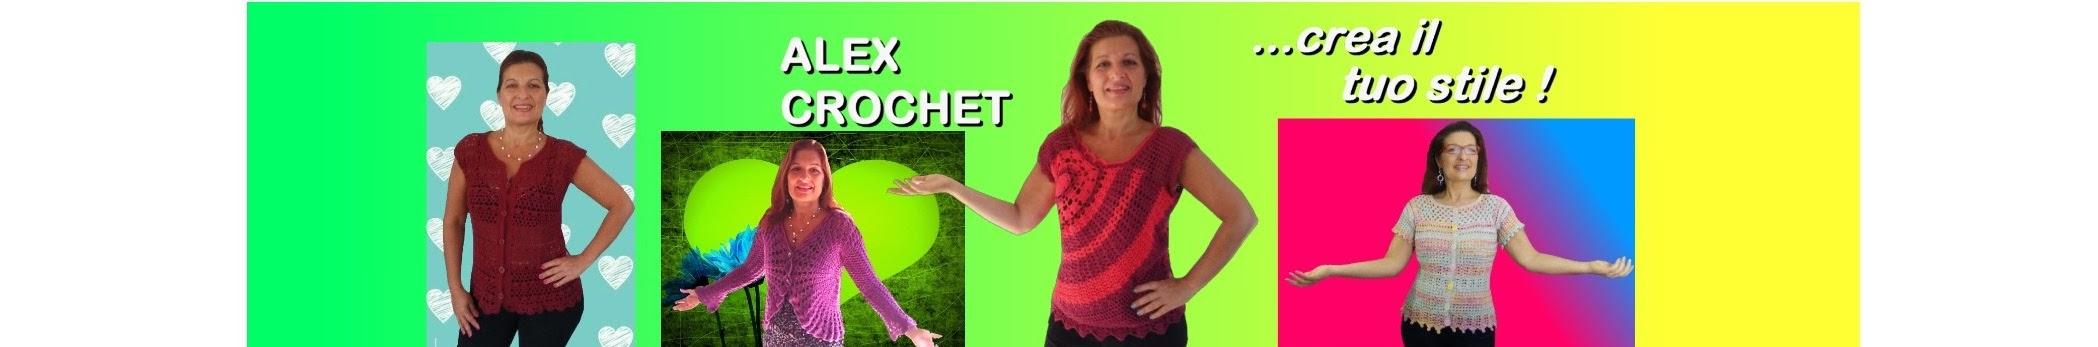 Alex Crochet Uncinetto Moderno Di Alex New Life Tv